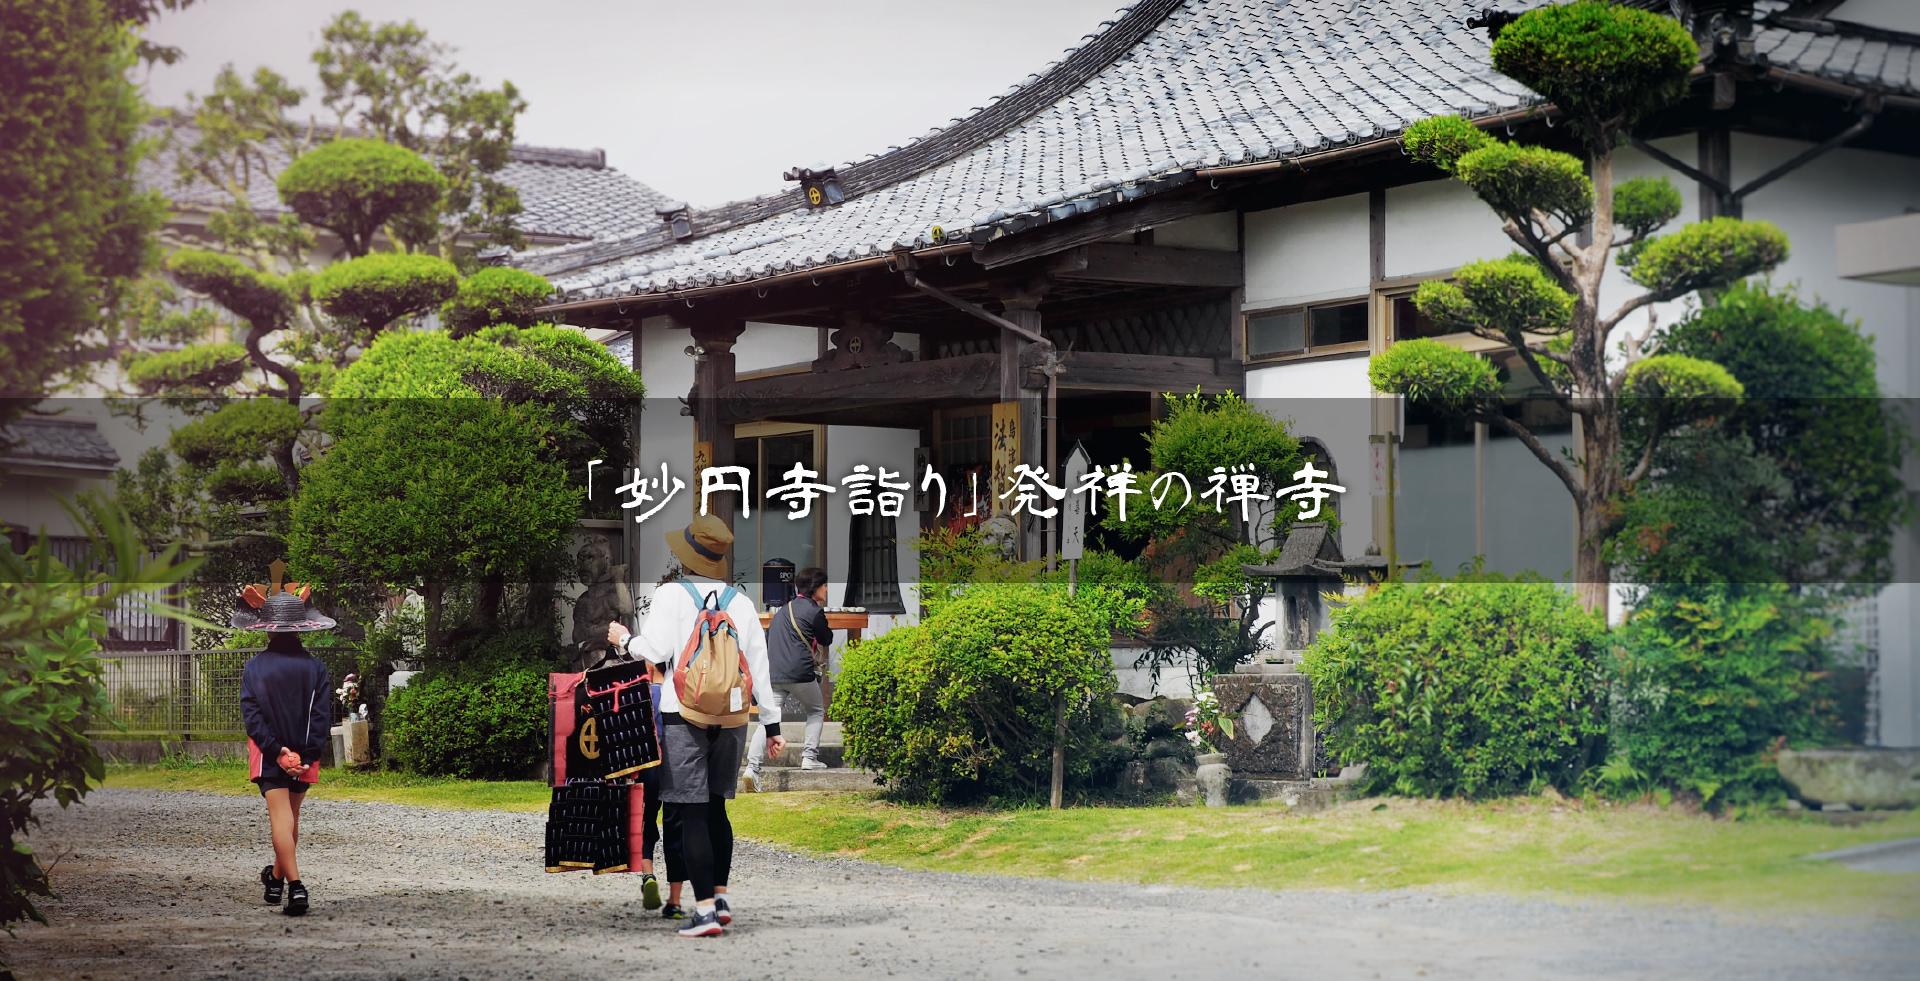 「妙円寺詣り」発祥の禅寺